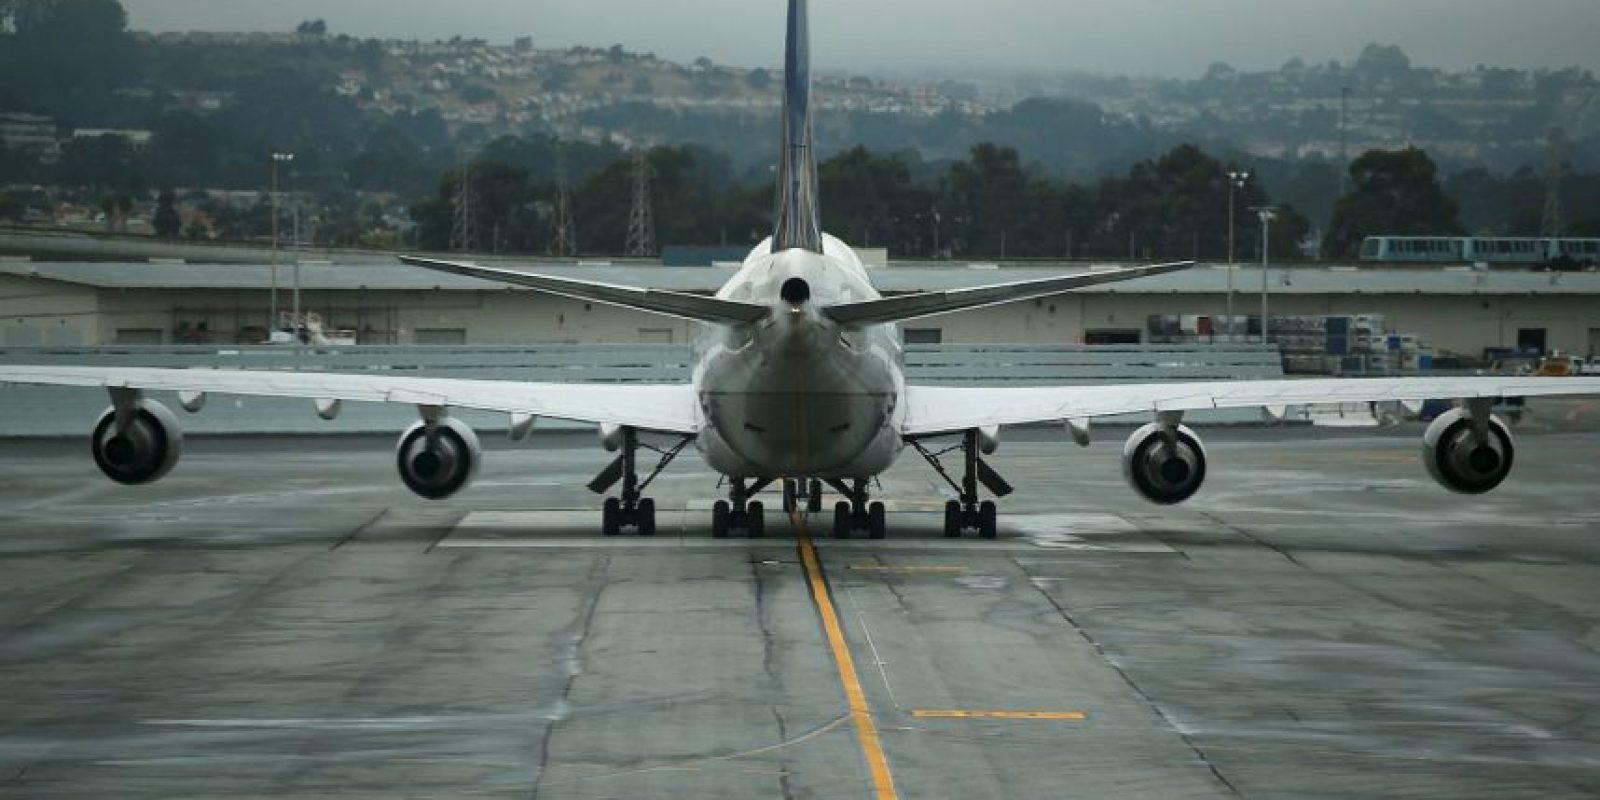 Autoridades investigan si tiene relación con un avión desaparecido el año pasado. Foto:Getty Images